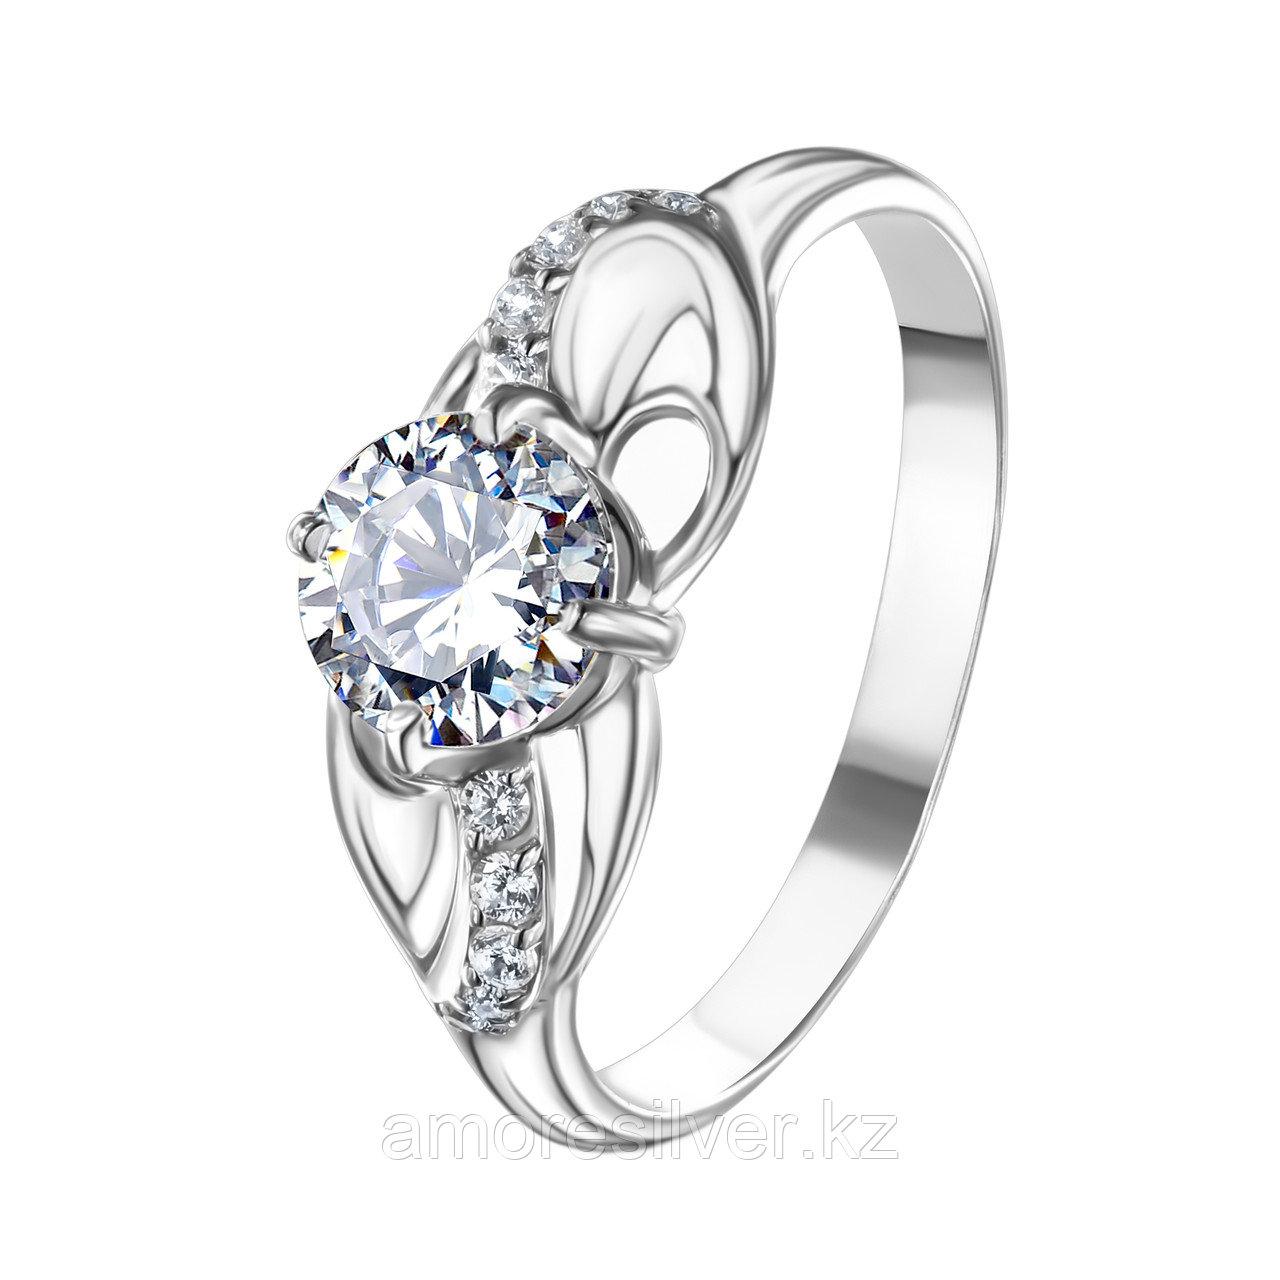 """Кольцо TEOSA серебро с родием,  символы   , """"каратник"""" 10120-0644-CZ размеры - 18"""